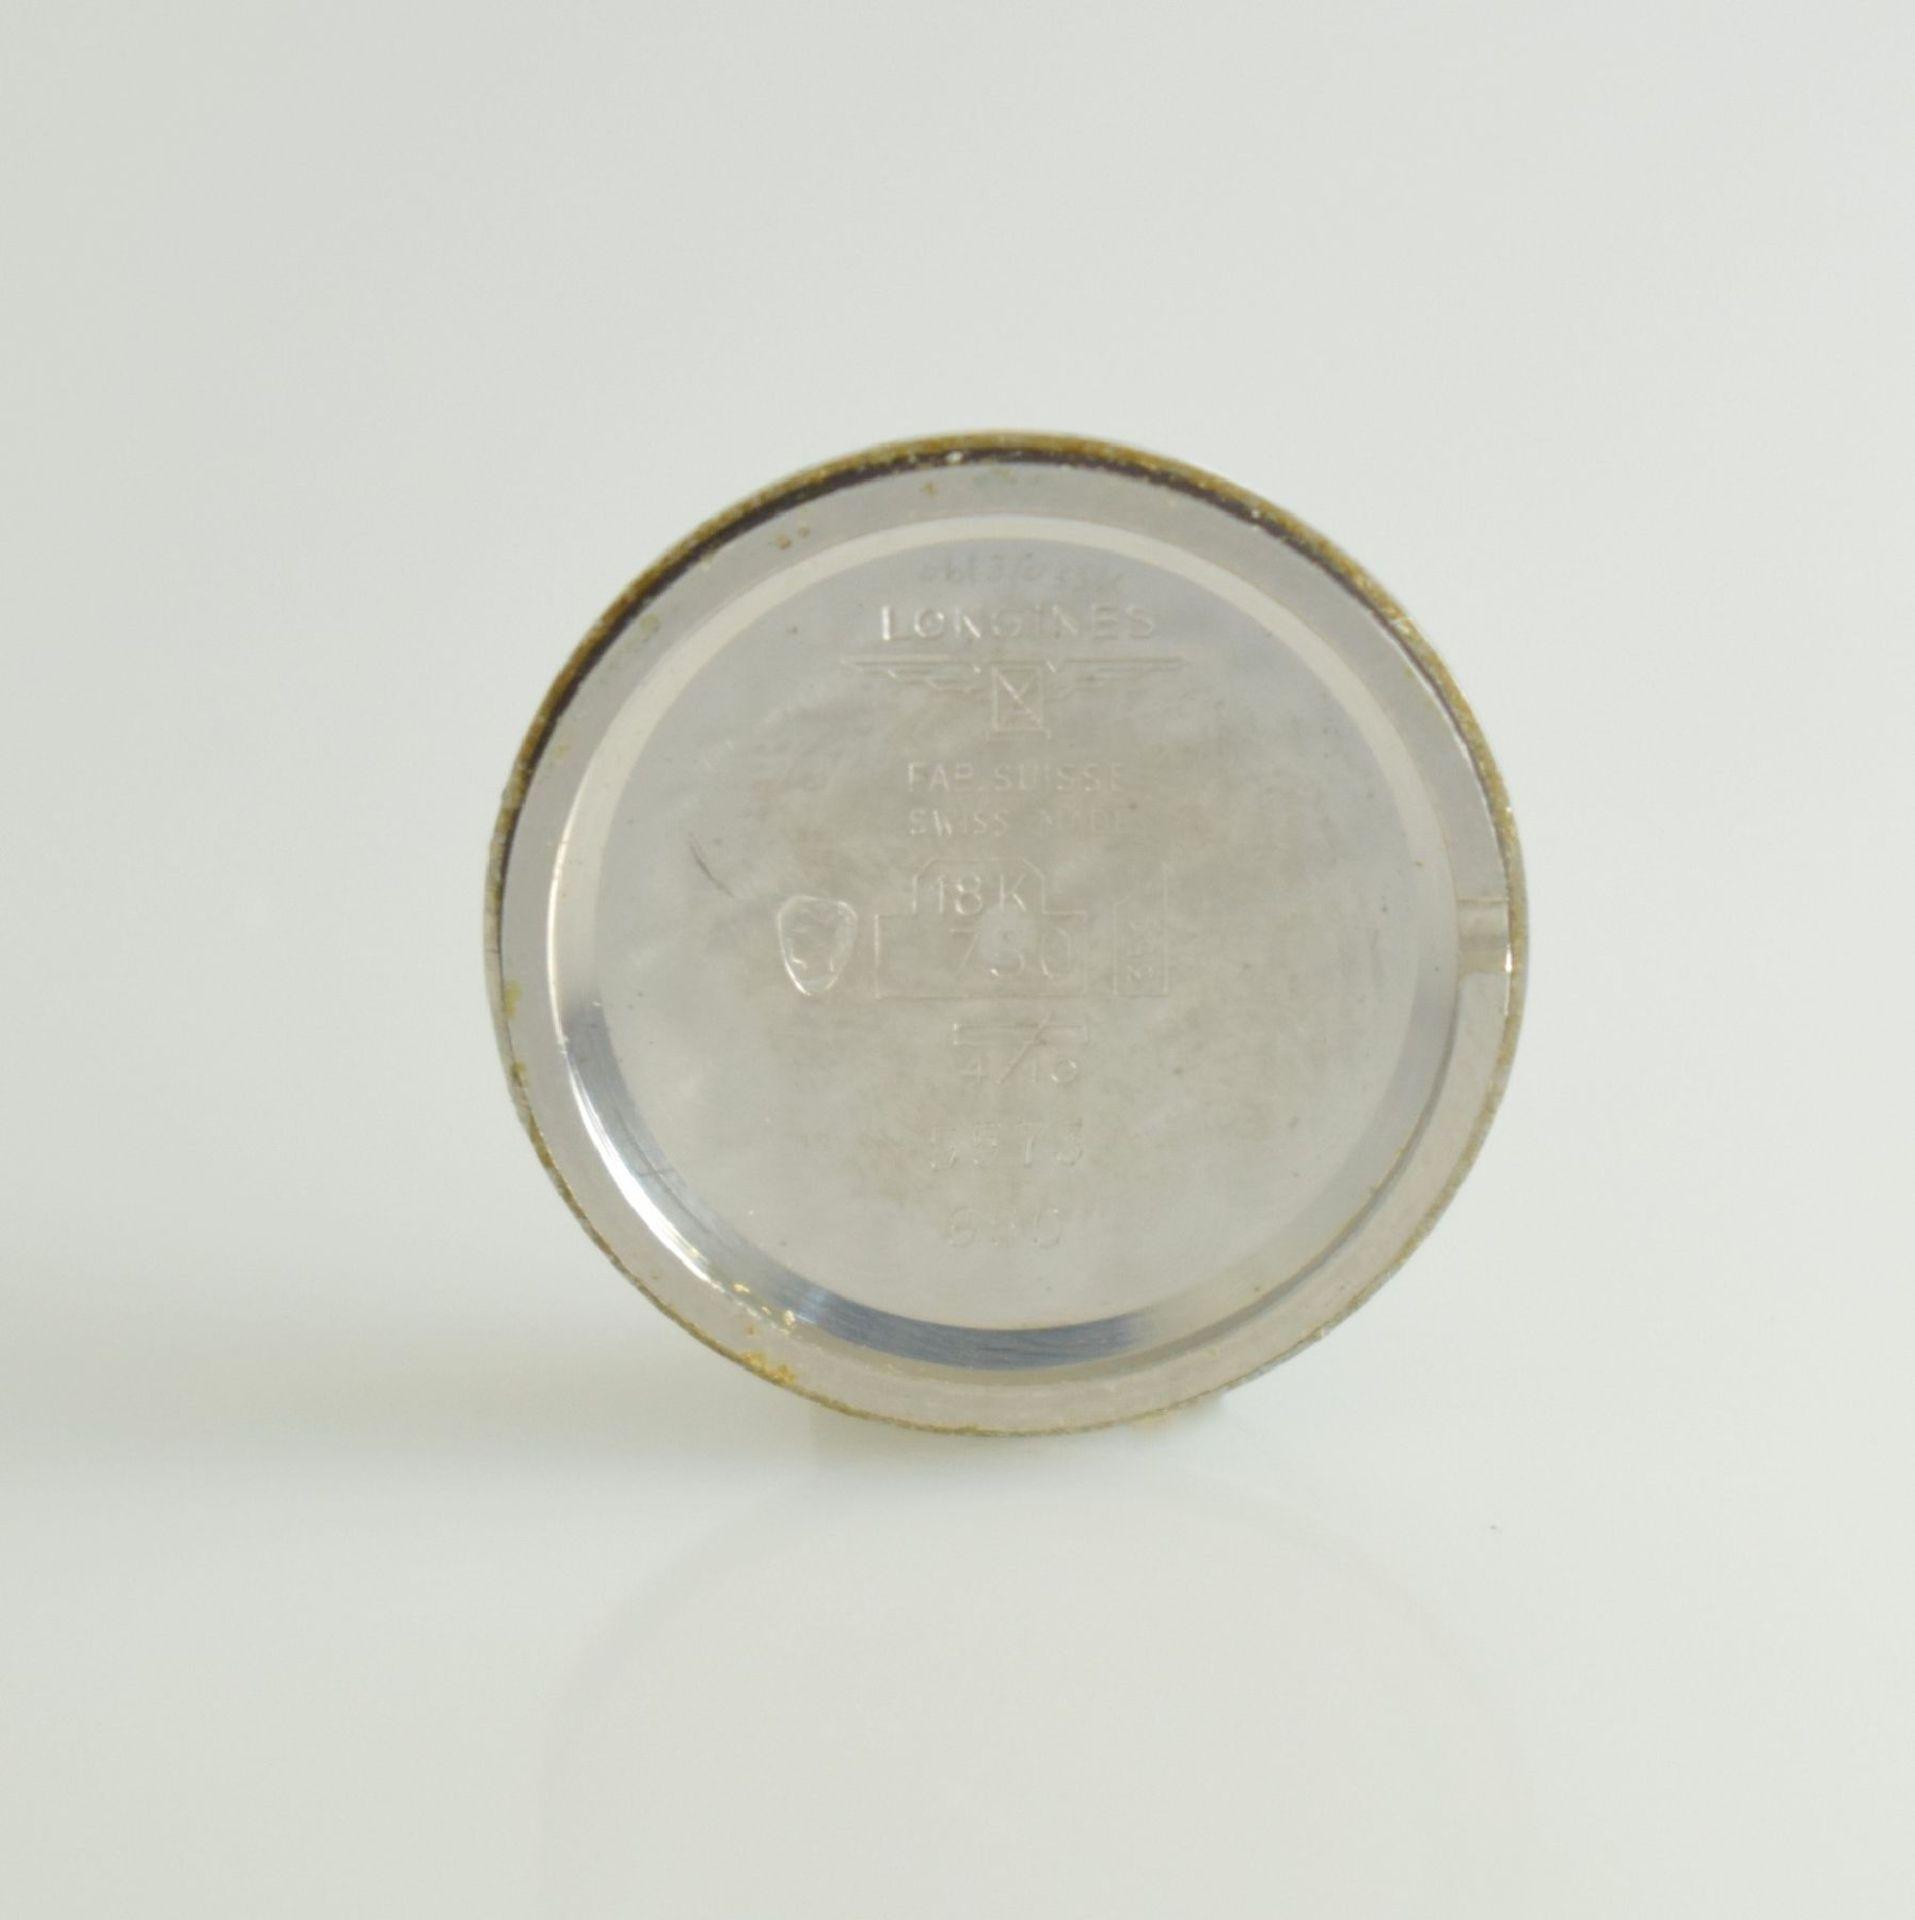 LONGINES Damenarmbanduhr in WG 750/000 mit WG 750/000 Band, Schweiz um 1980, Boden gedr., silb. - Bild 7 aus 7